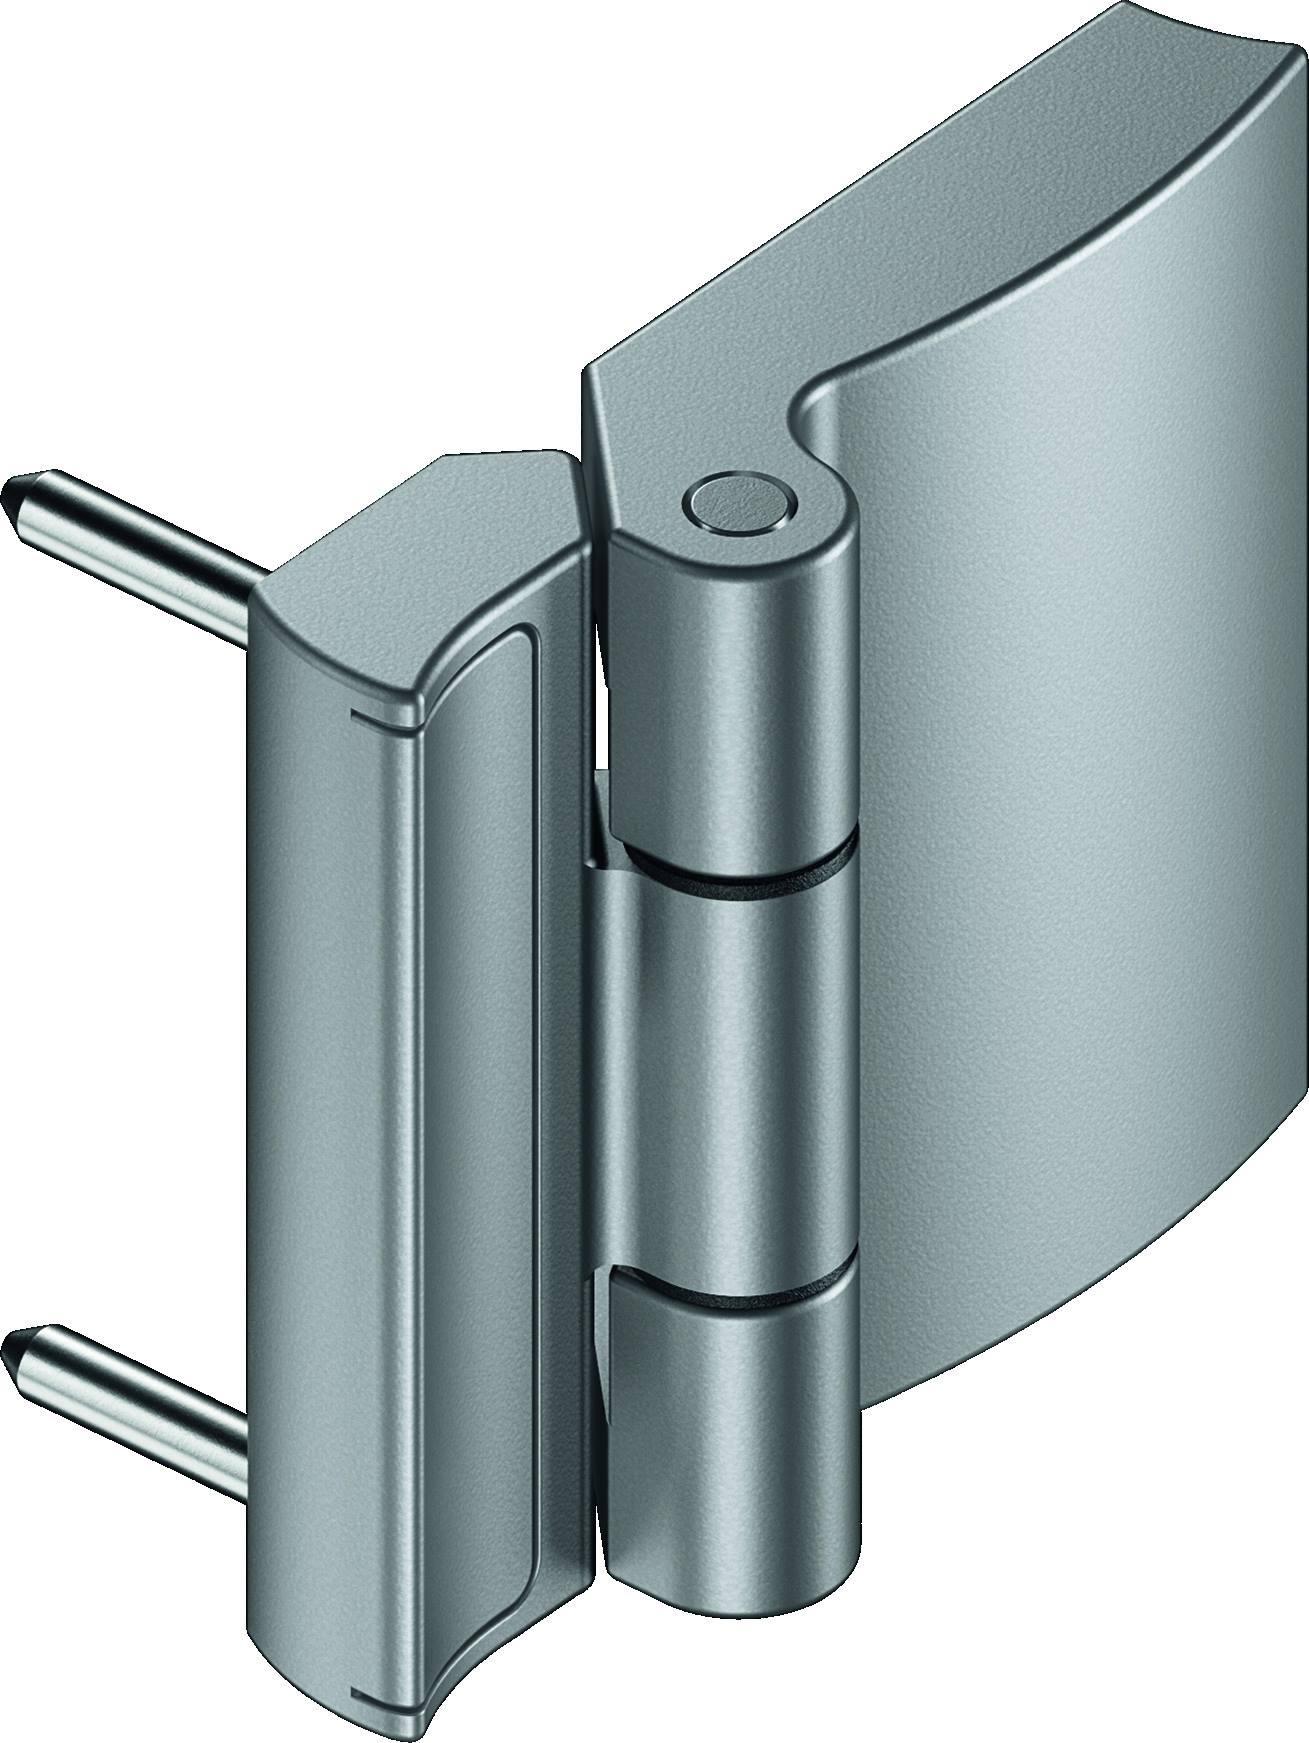 Roto Patio Fold - feroneria premium pentru sisteme armonice-culisante ample - Roto Patio Fold - feroneria